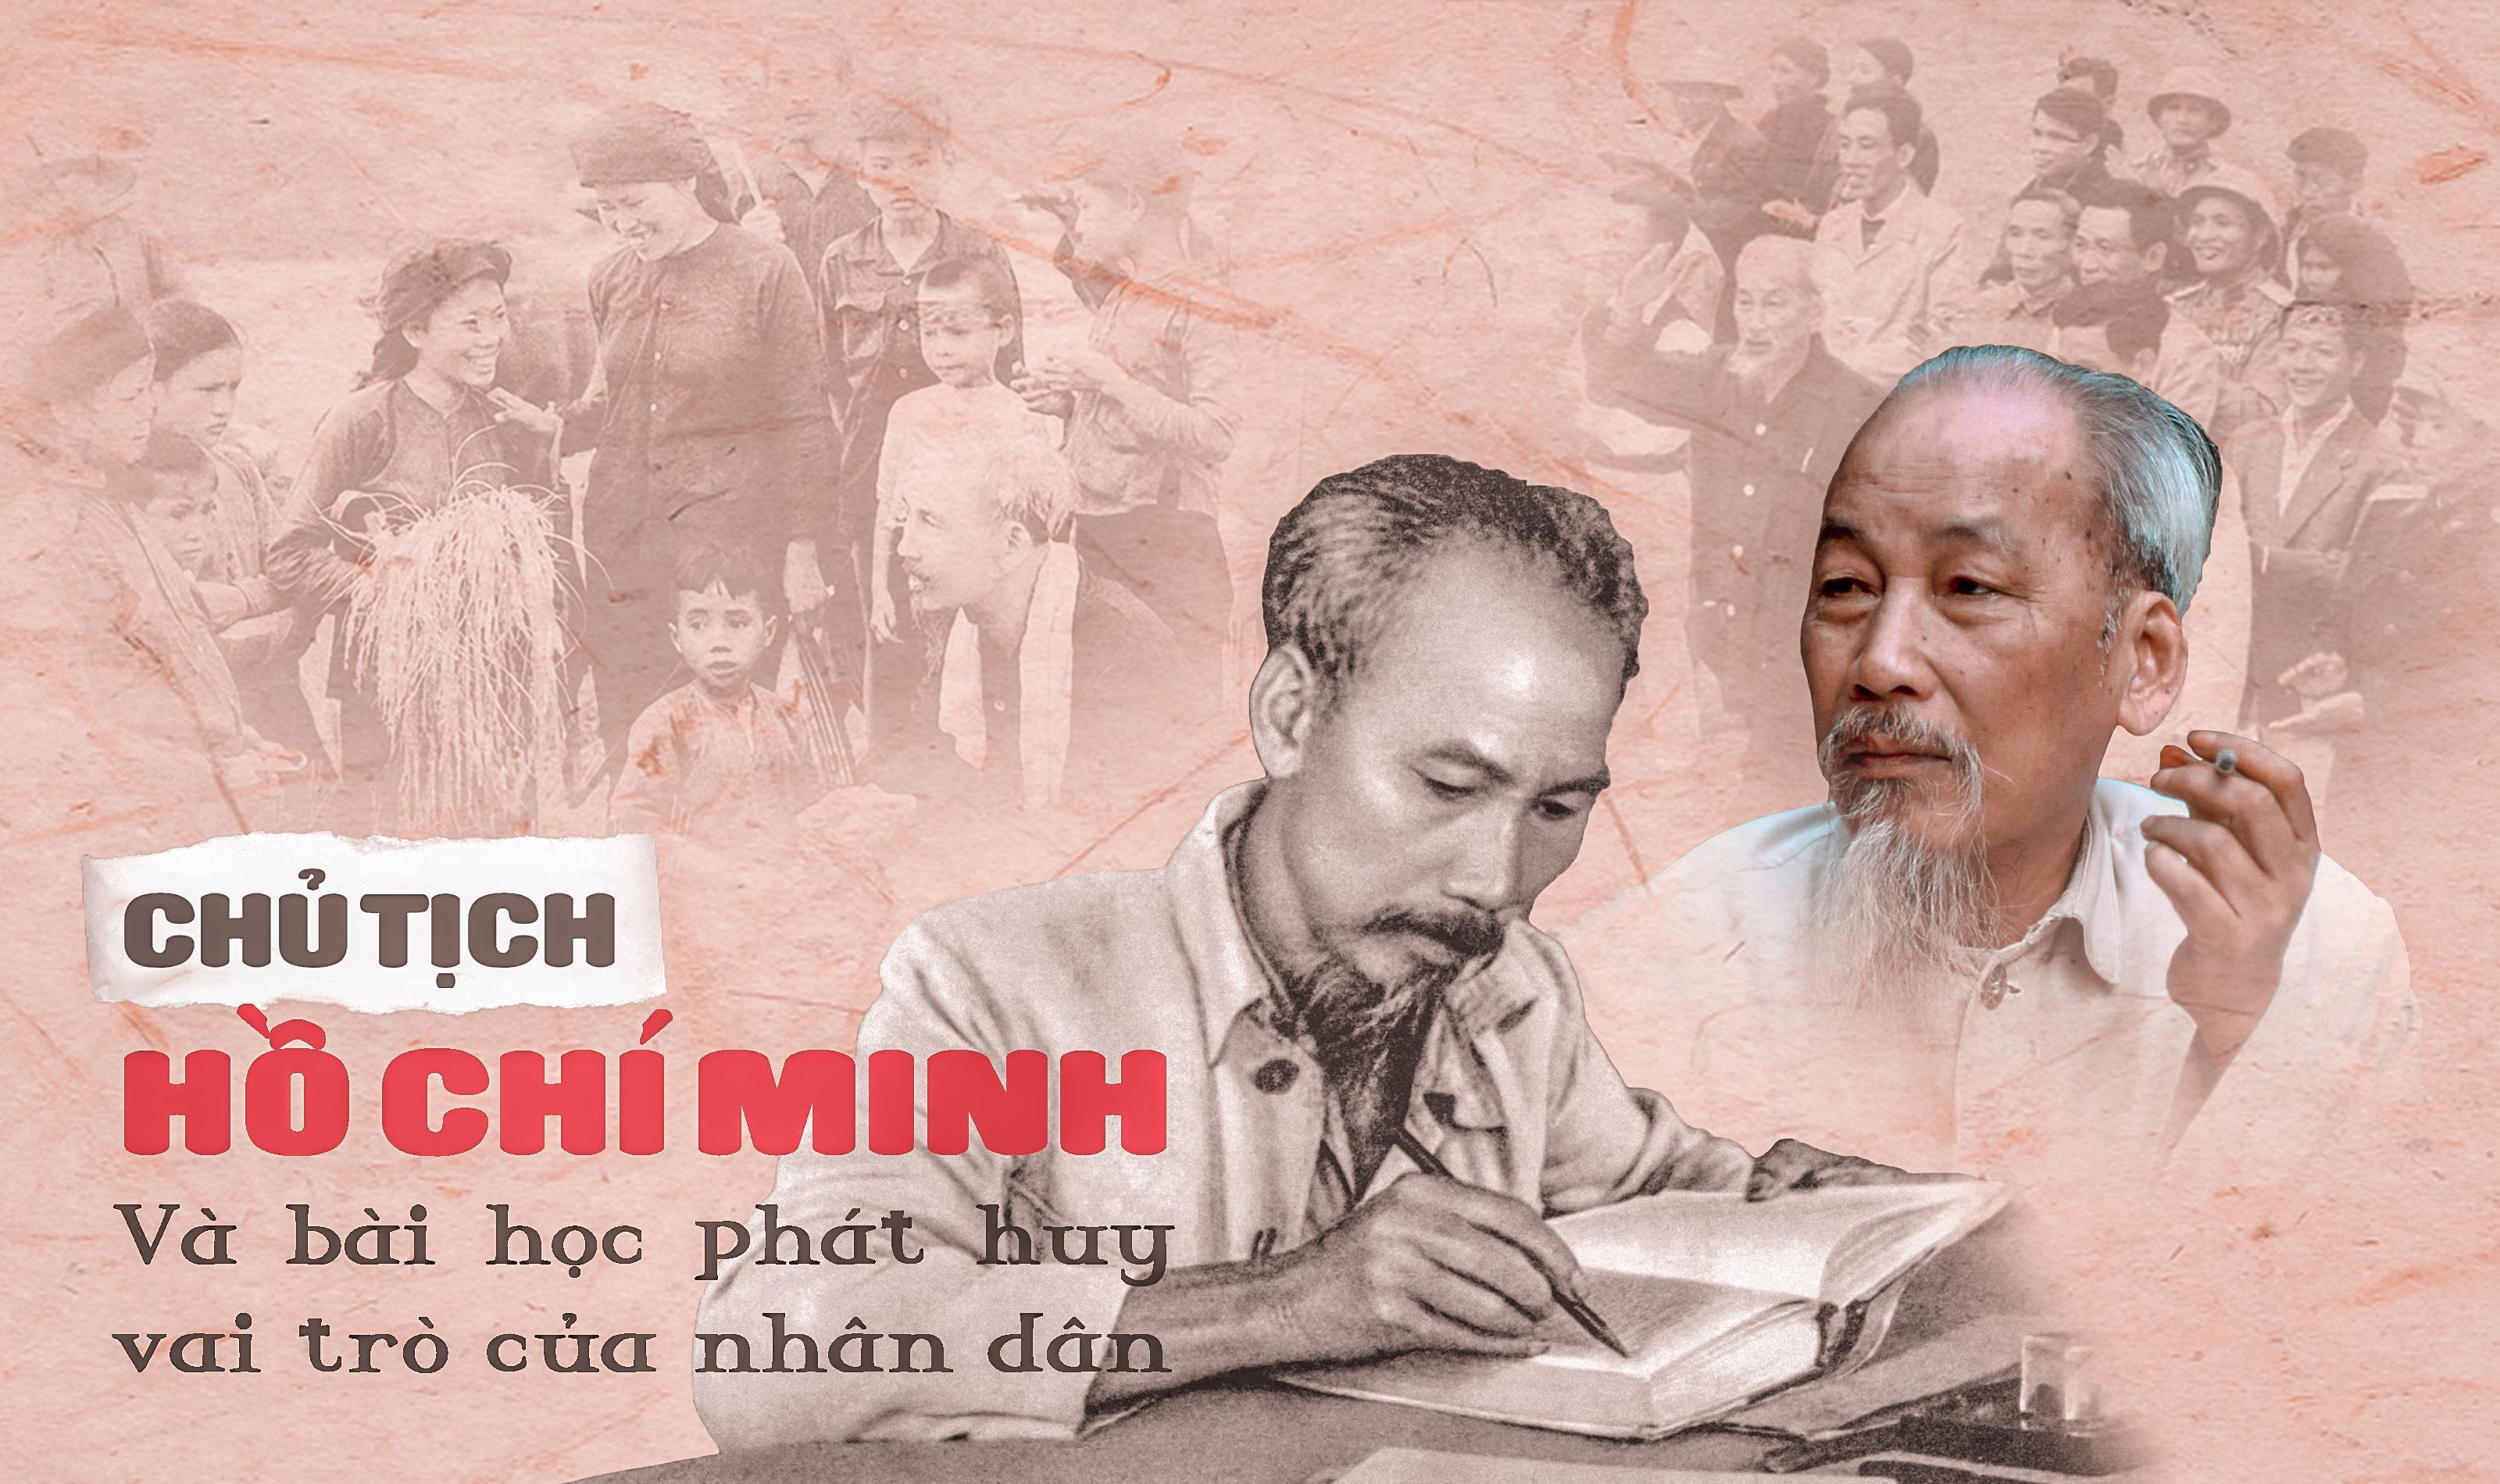 Chủ tịch Hồ Chí Minh và bài học phát huy vai trò của nhân dân